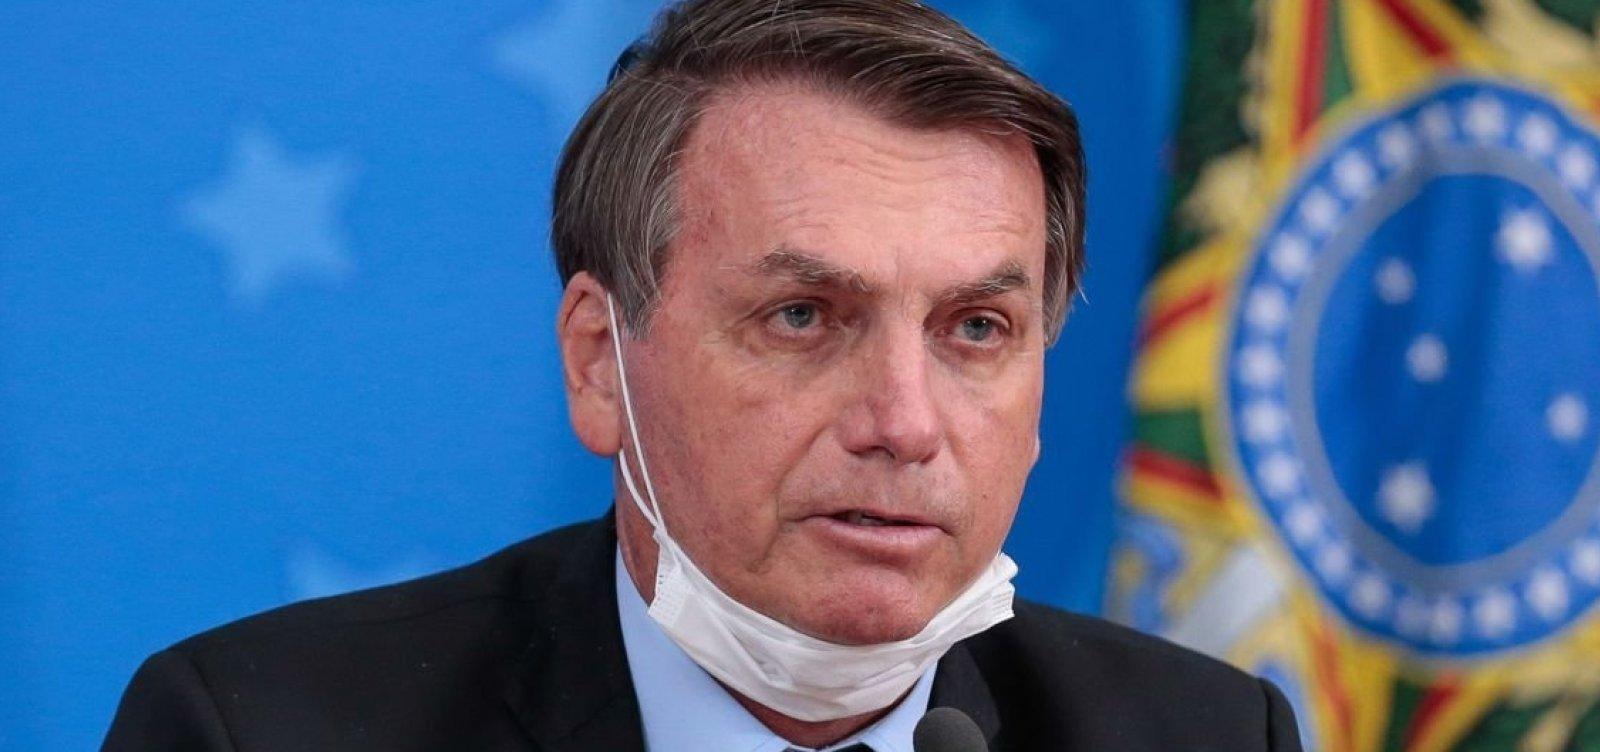 [Governadores do Nordeste reagem à ação de Bolsonaro contra medidas restritivas]